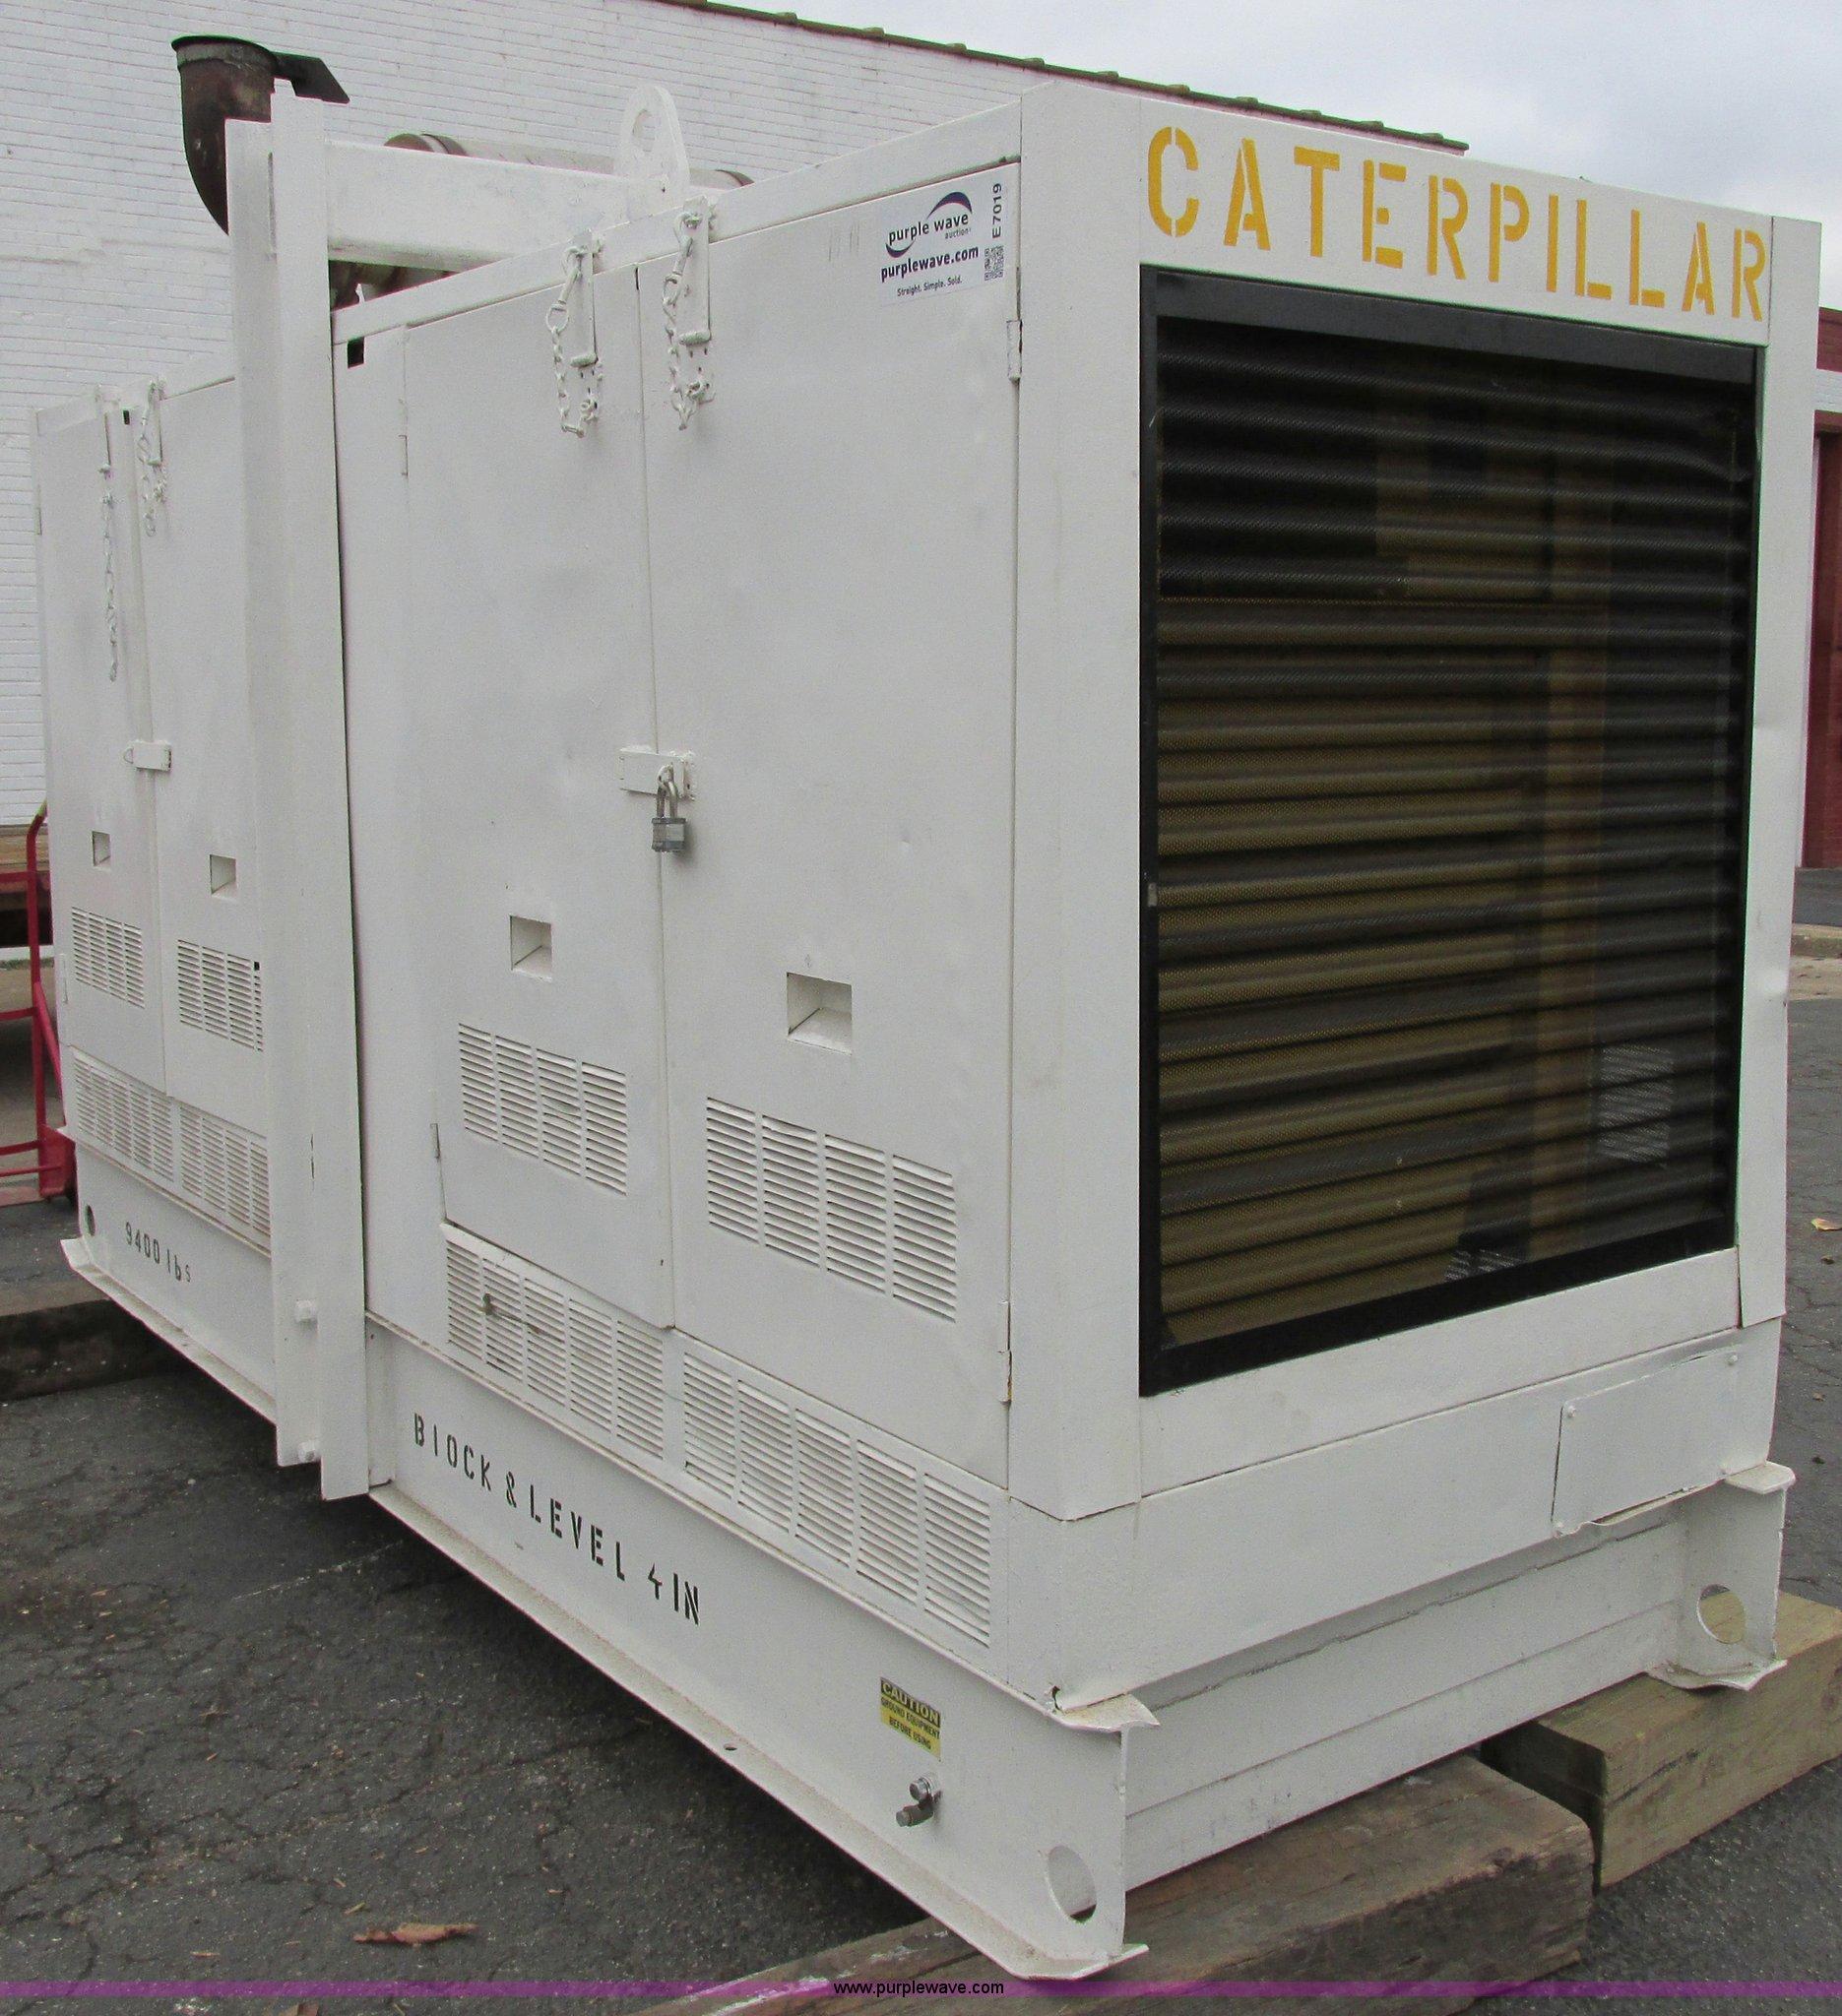 Caterpillar 250 kVA 200 kW continuous output generator set